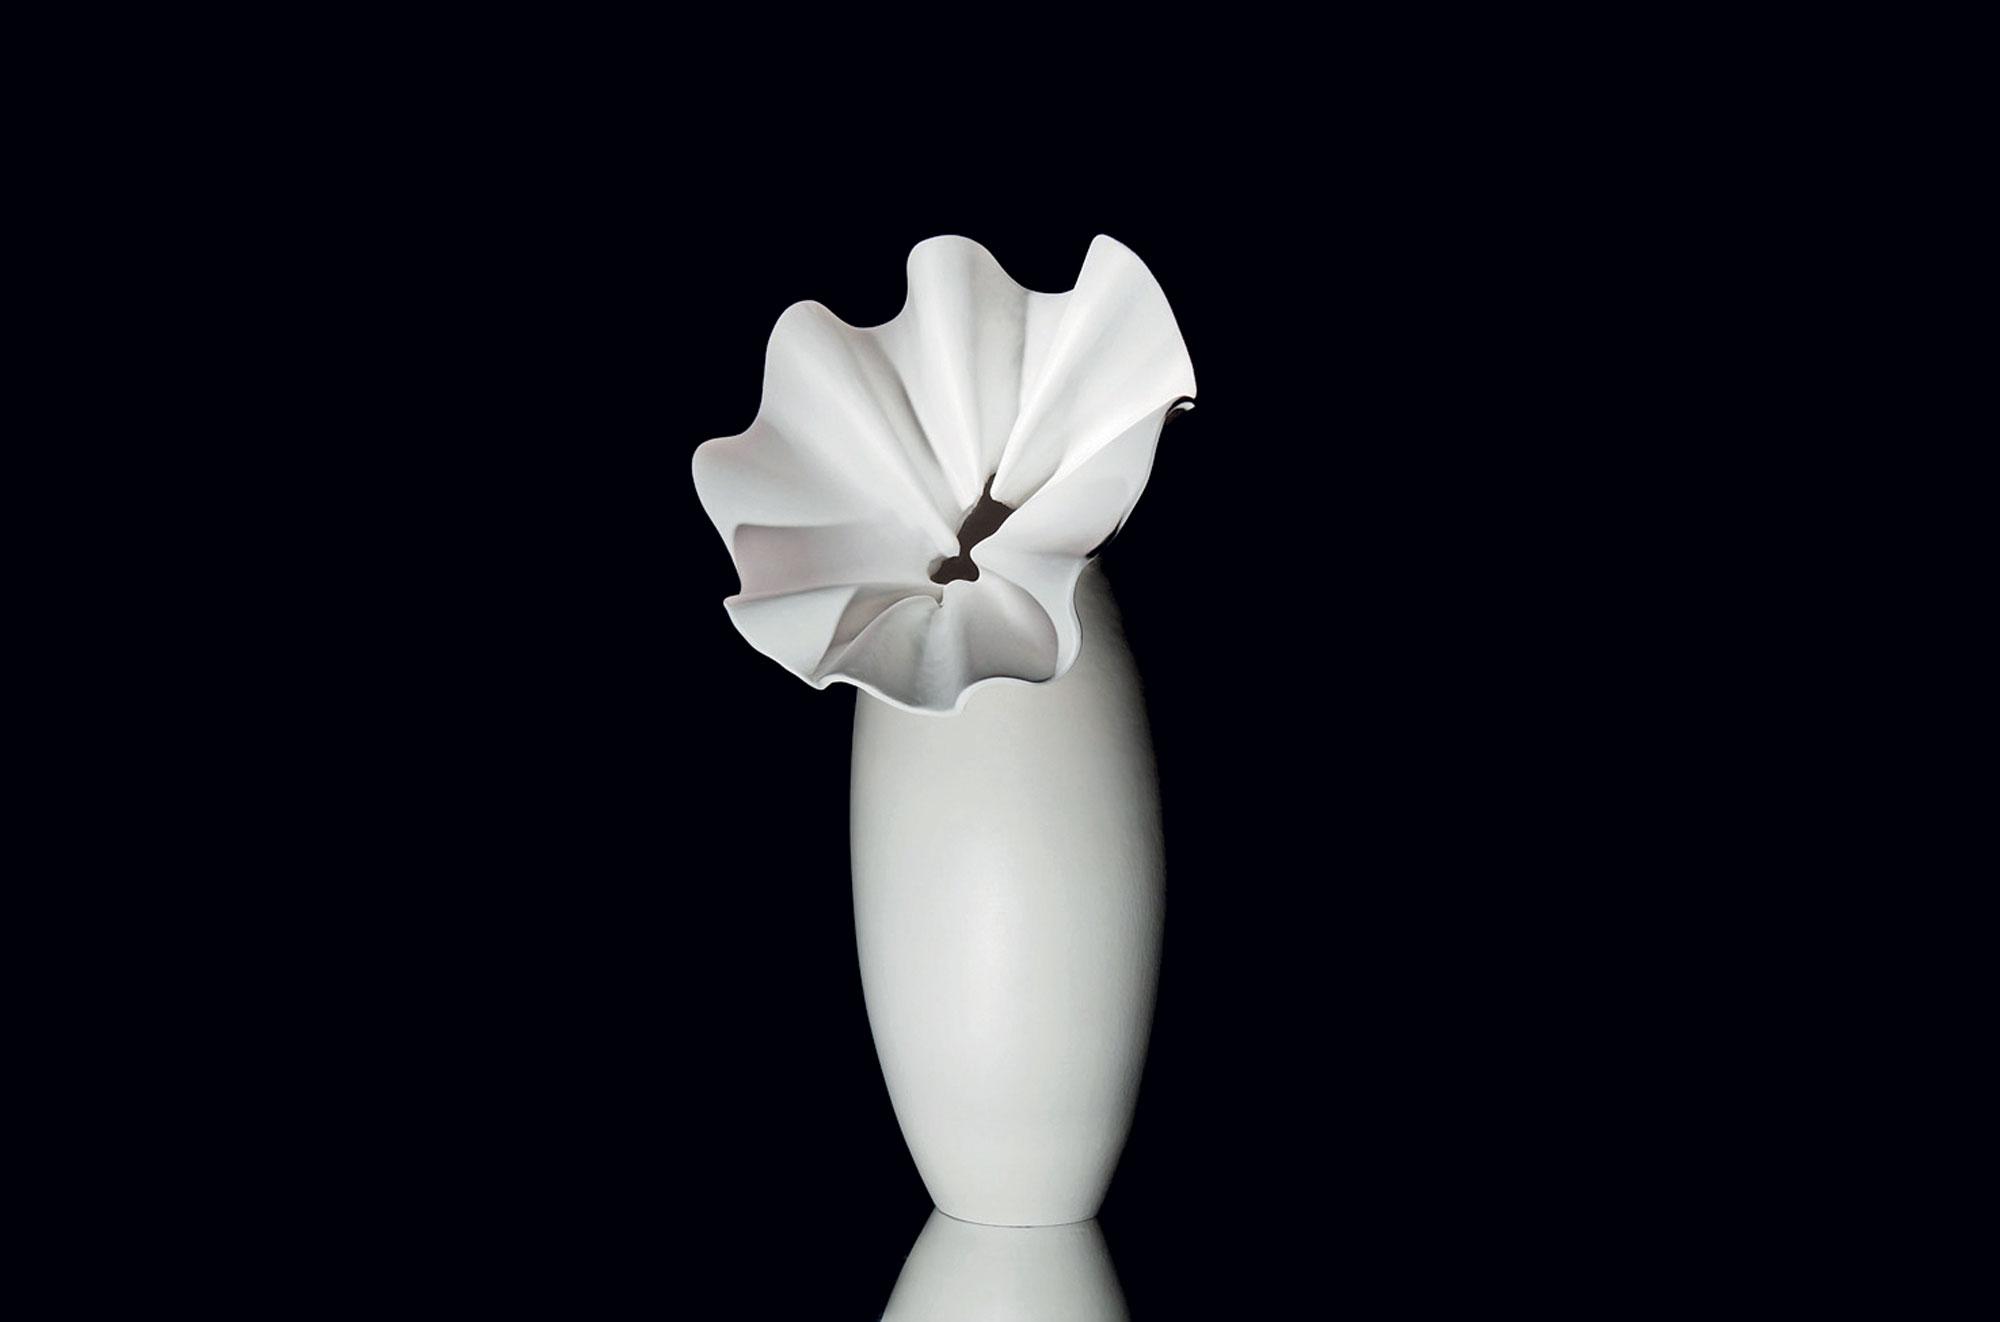 Selene di Antonietta Mazzotti; argilla bianca e smalto opaco bianco, 2012. Foto di F. Guadagnini